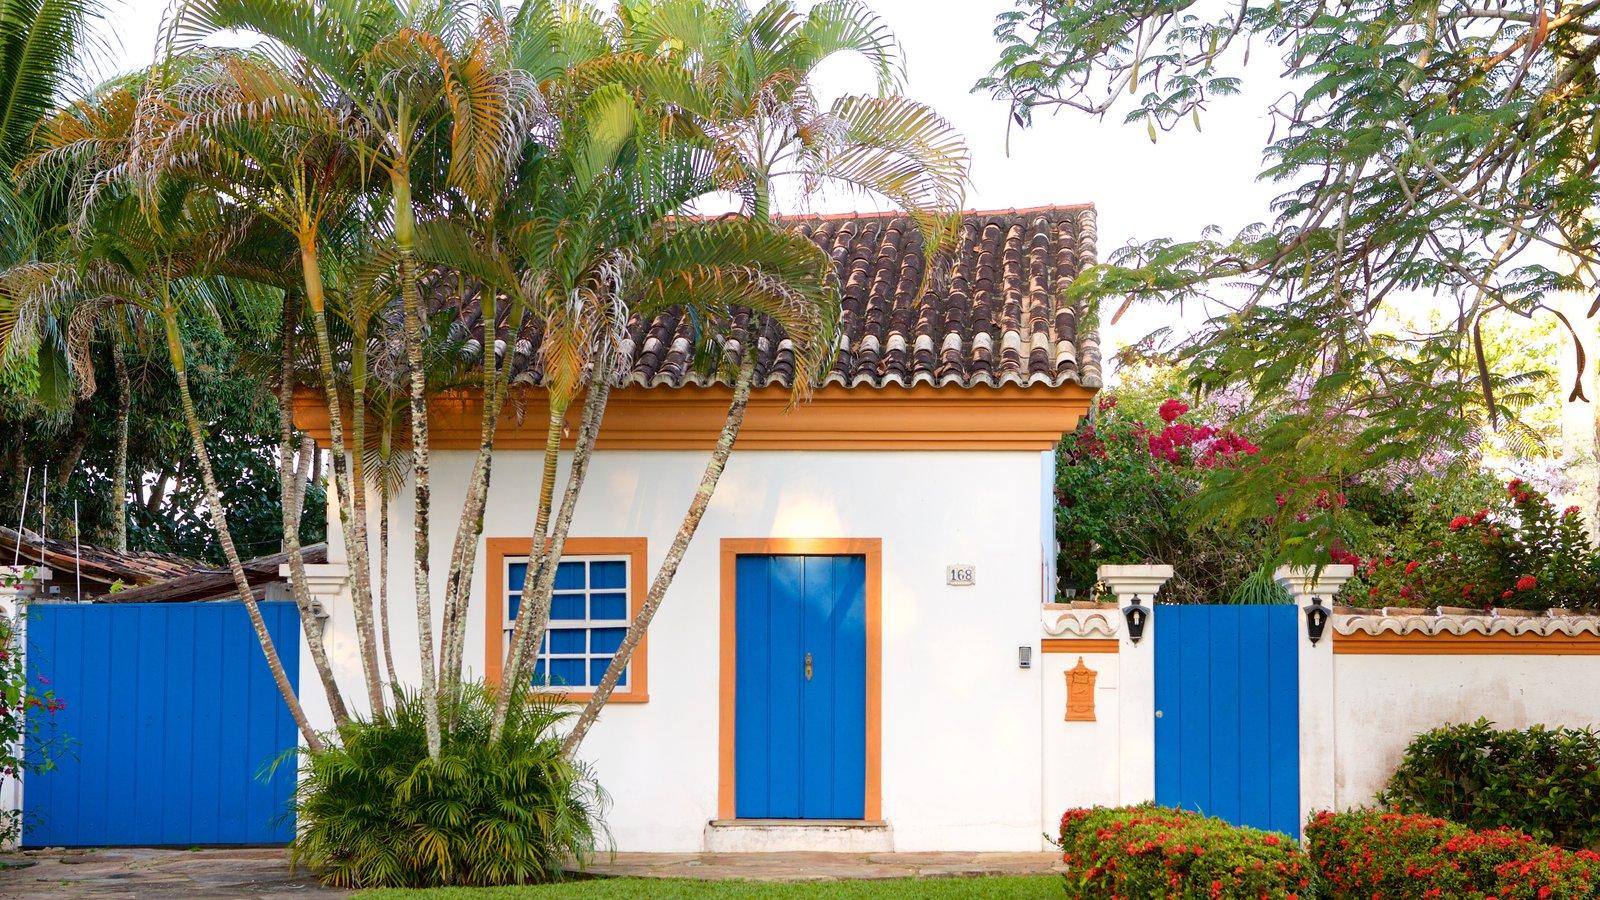 Porto Seguro que inclui um jardim e uma casa